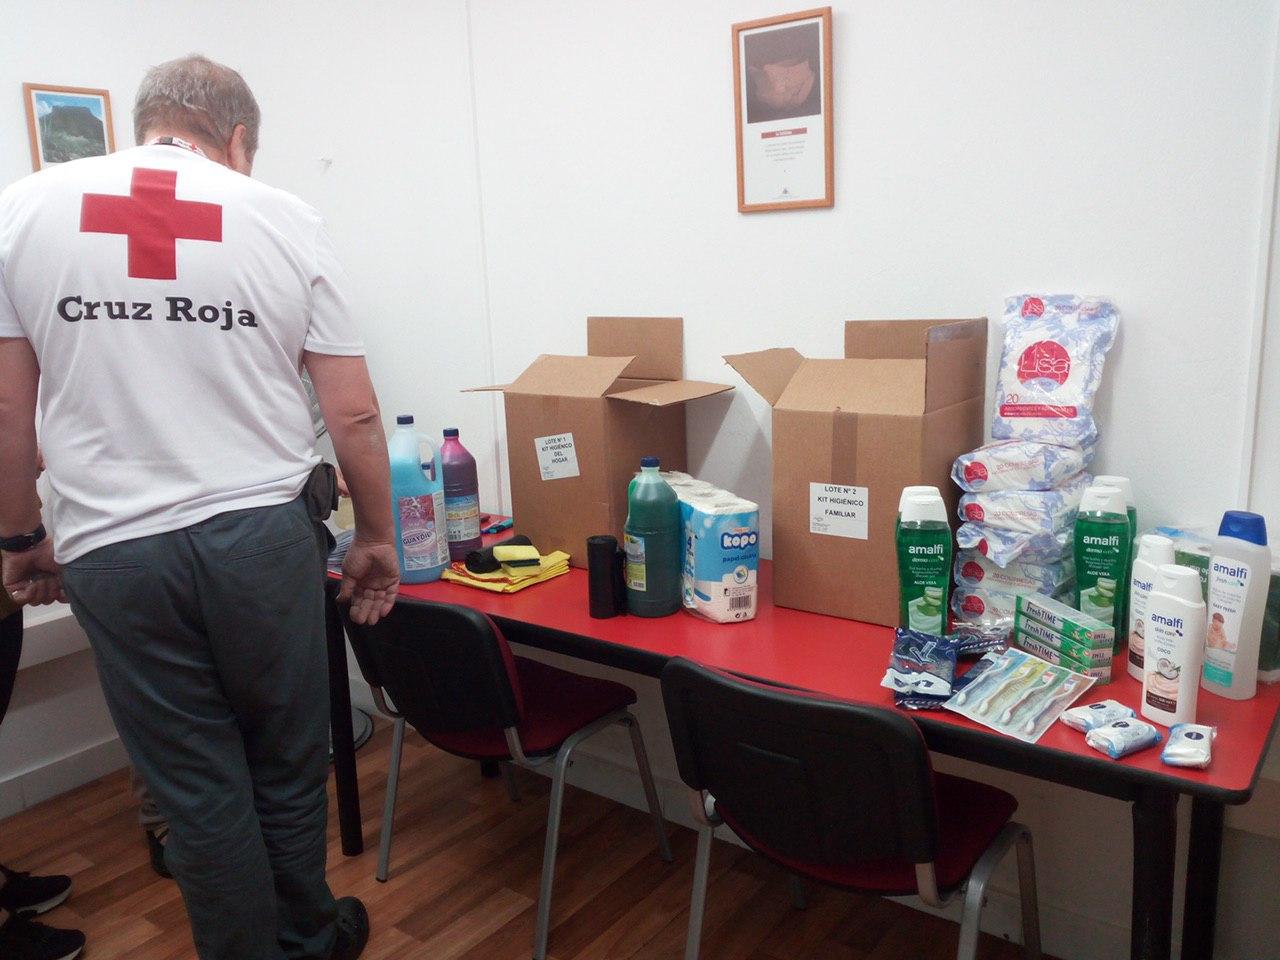 25 familias reciben kits de higiene y vales para afrontar las fiestas navideñas